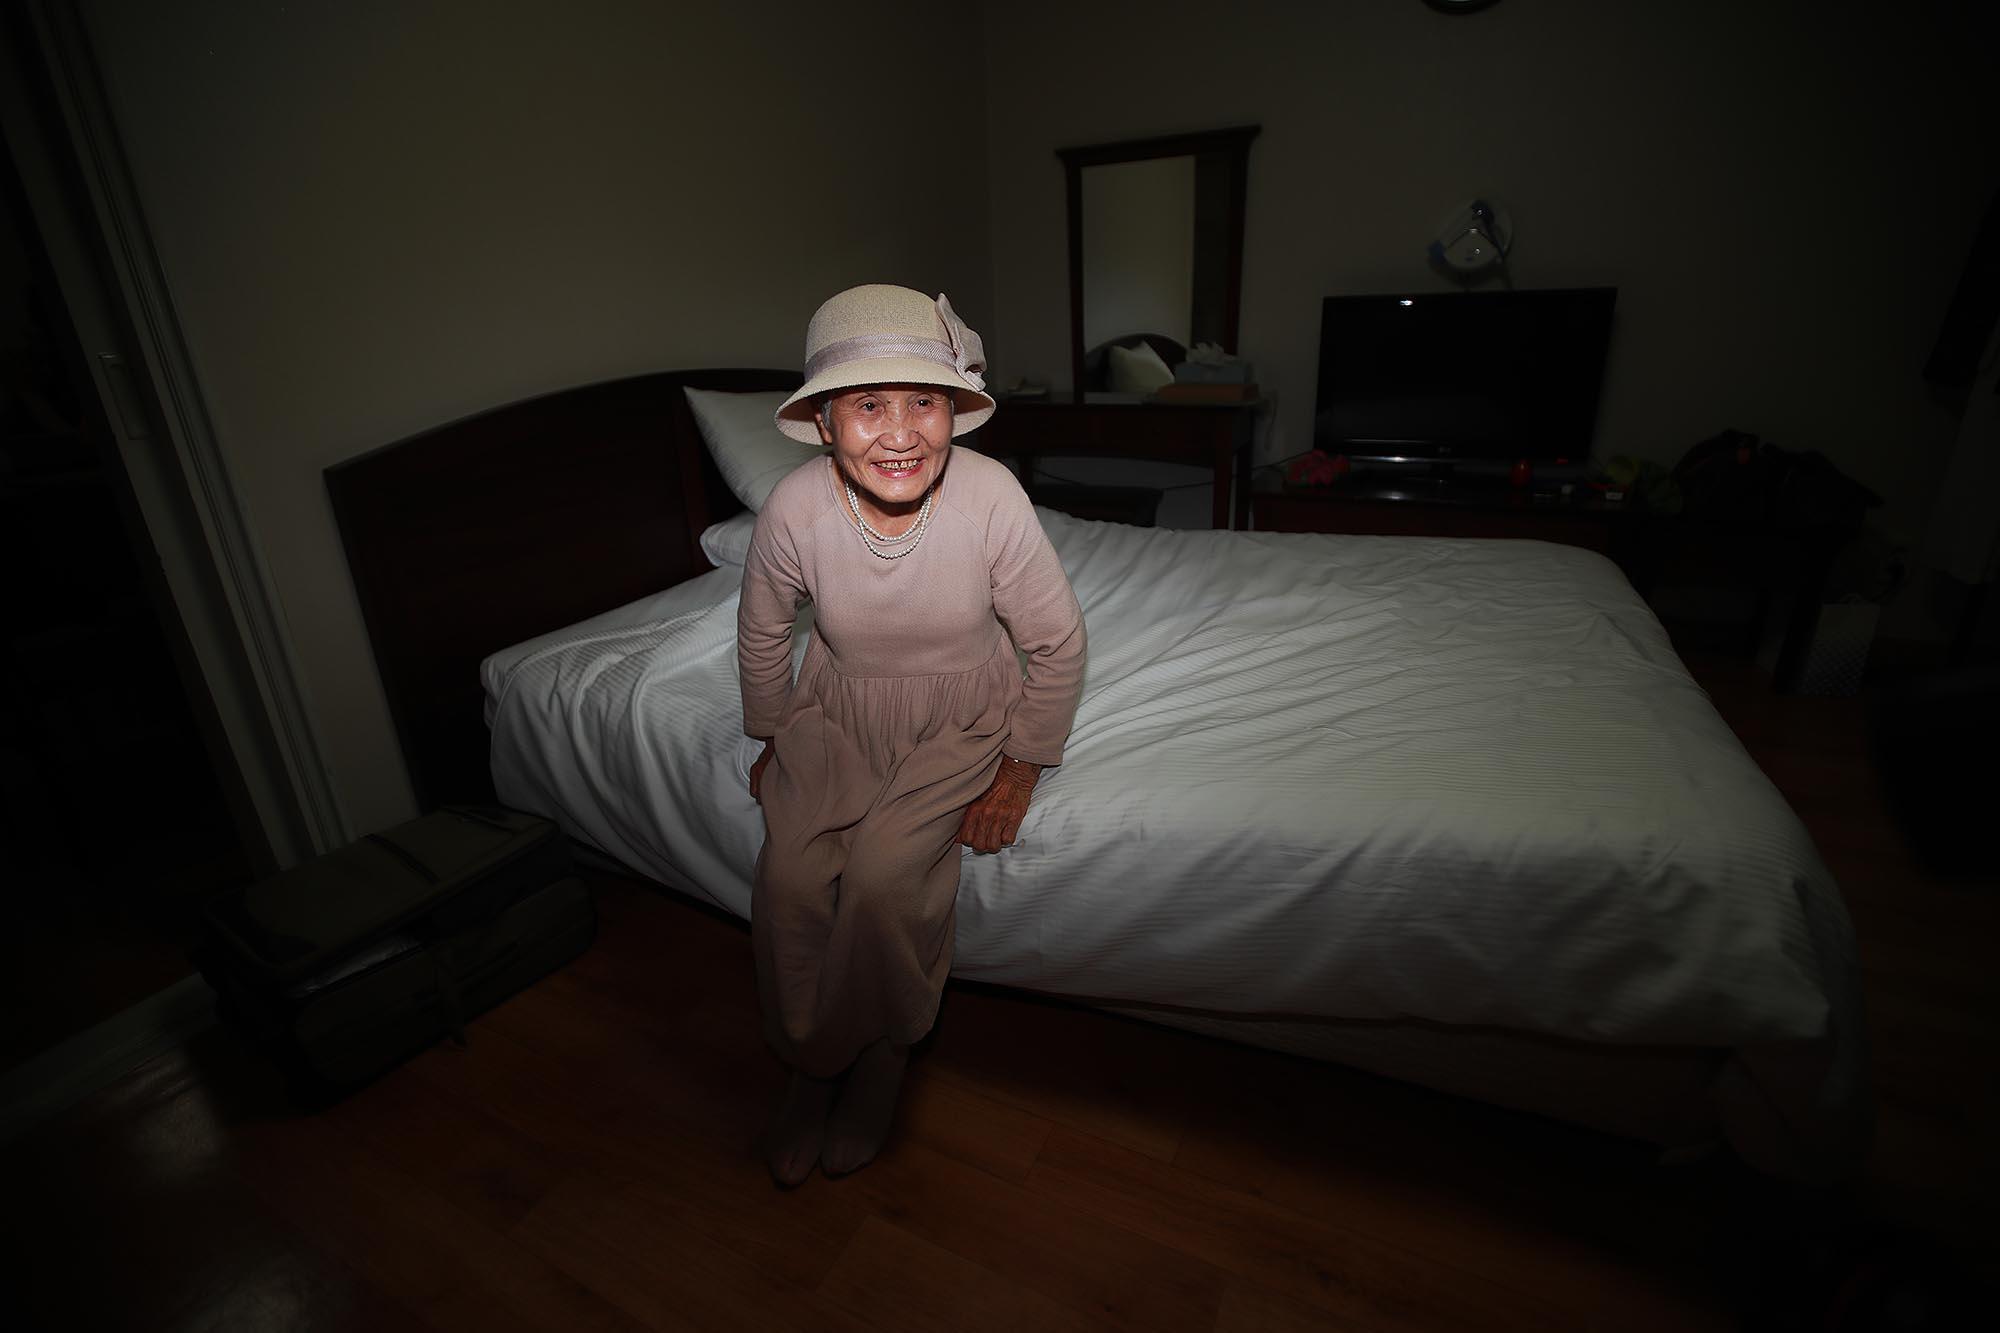 제21차 이산가족 상봉행사를 하루 앞둔 19일 오후 강원도 속초 한화리조트에 도착한 남측 이금섬(92) 할머니가 금강산에서 만날 아들을 생각하며 환하게 웃고 있다. [사진공동취재단]